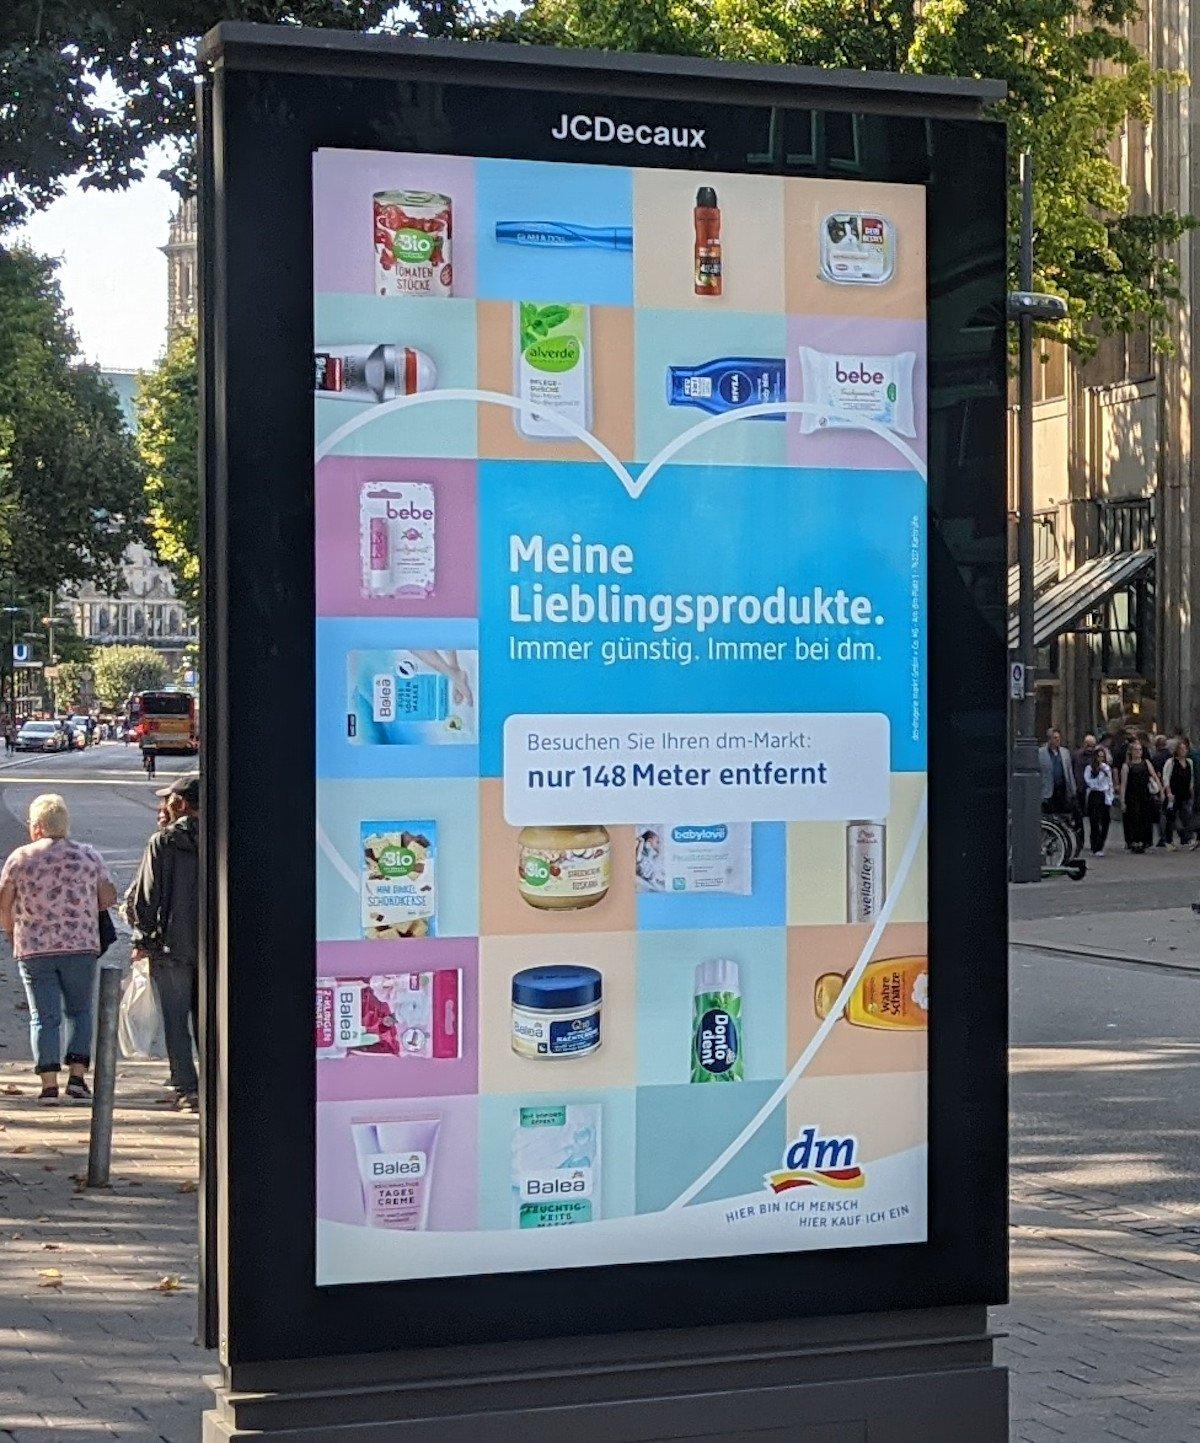 Nur wenige Meter bis zur nächsten Filiale - location based Kampagne von DM (Foto: invidis)